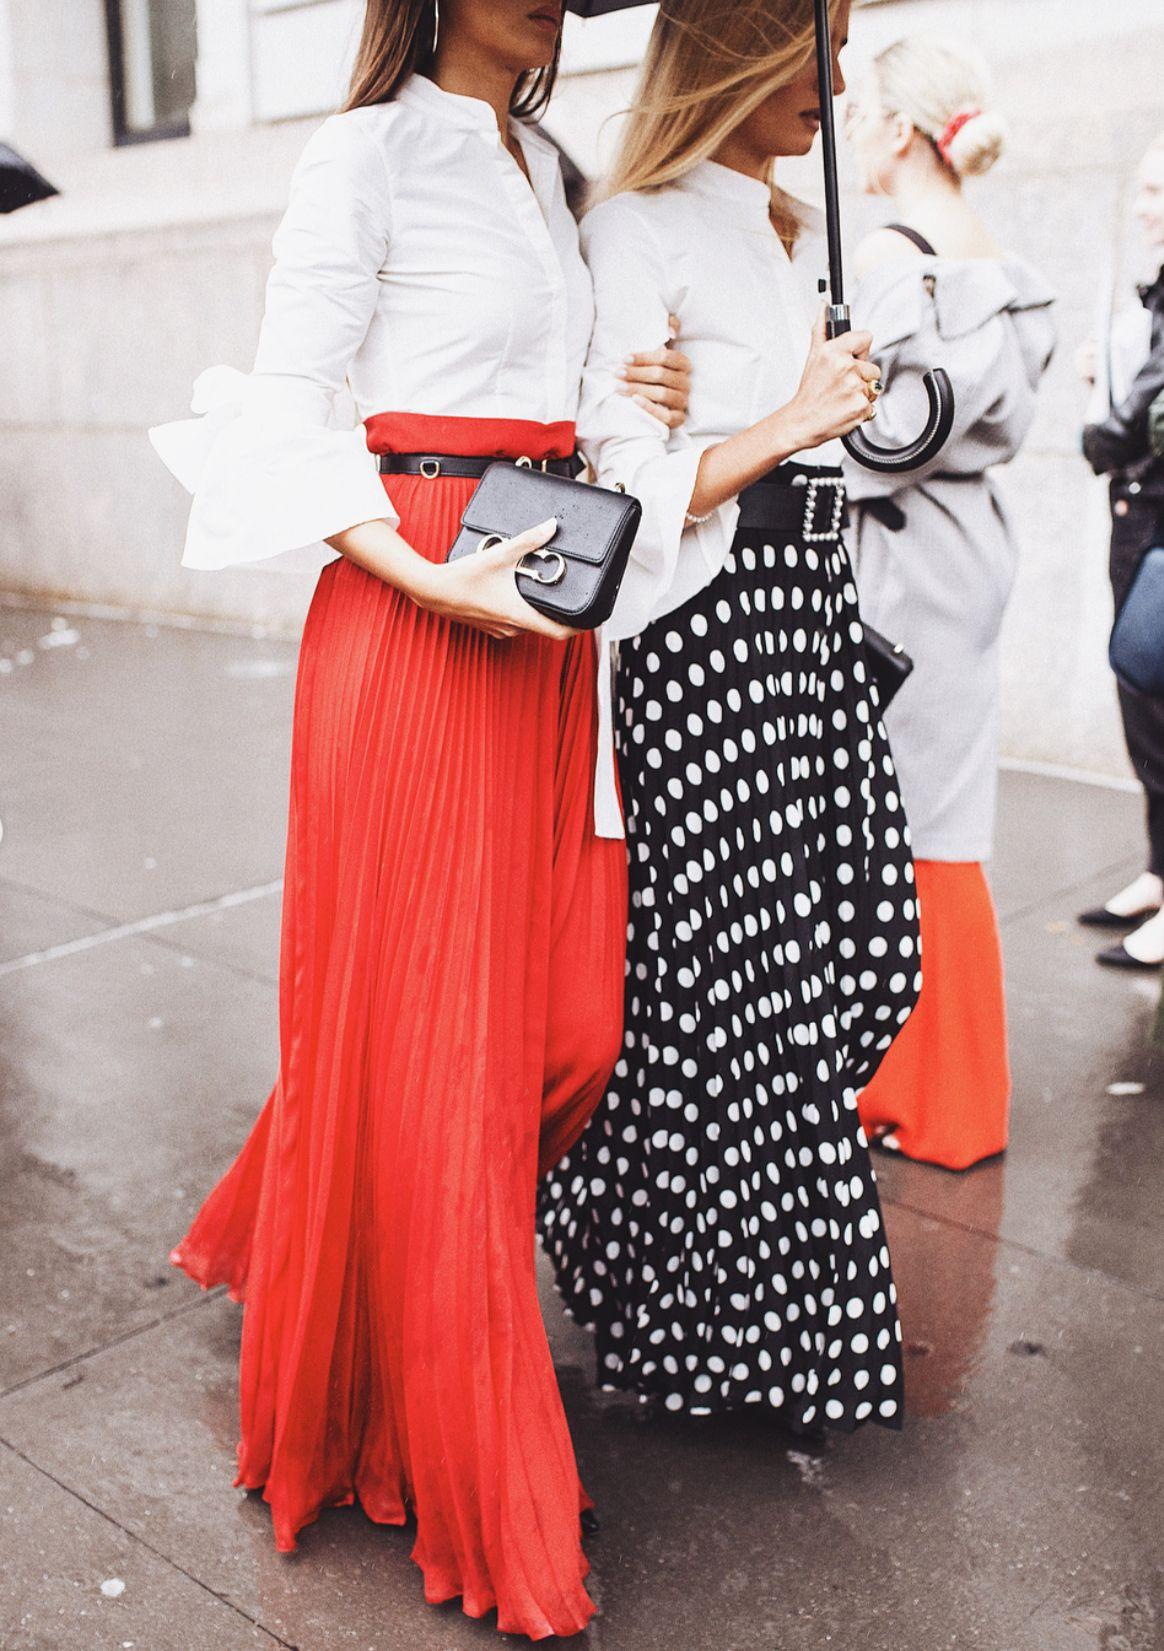 0c9d0762d6 NYFW Carolina Herrera 2019 - Marta Lozano Pascual - Street Style ...